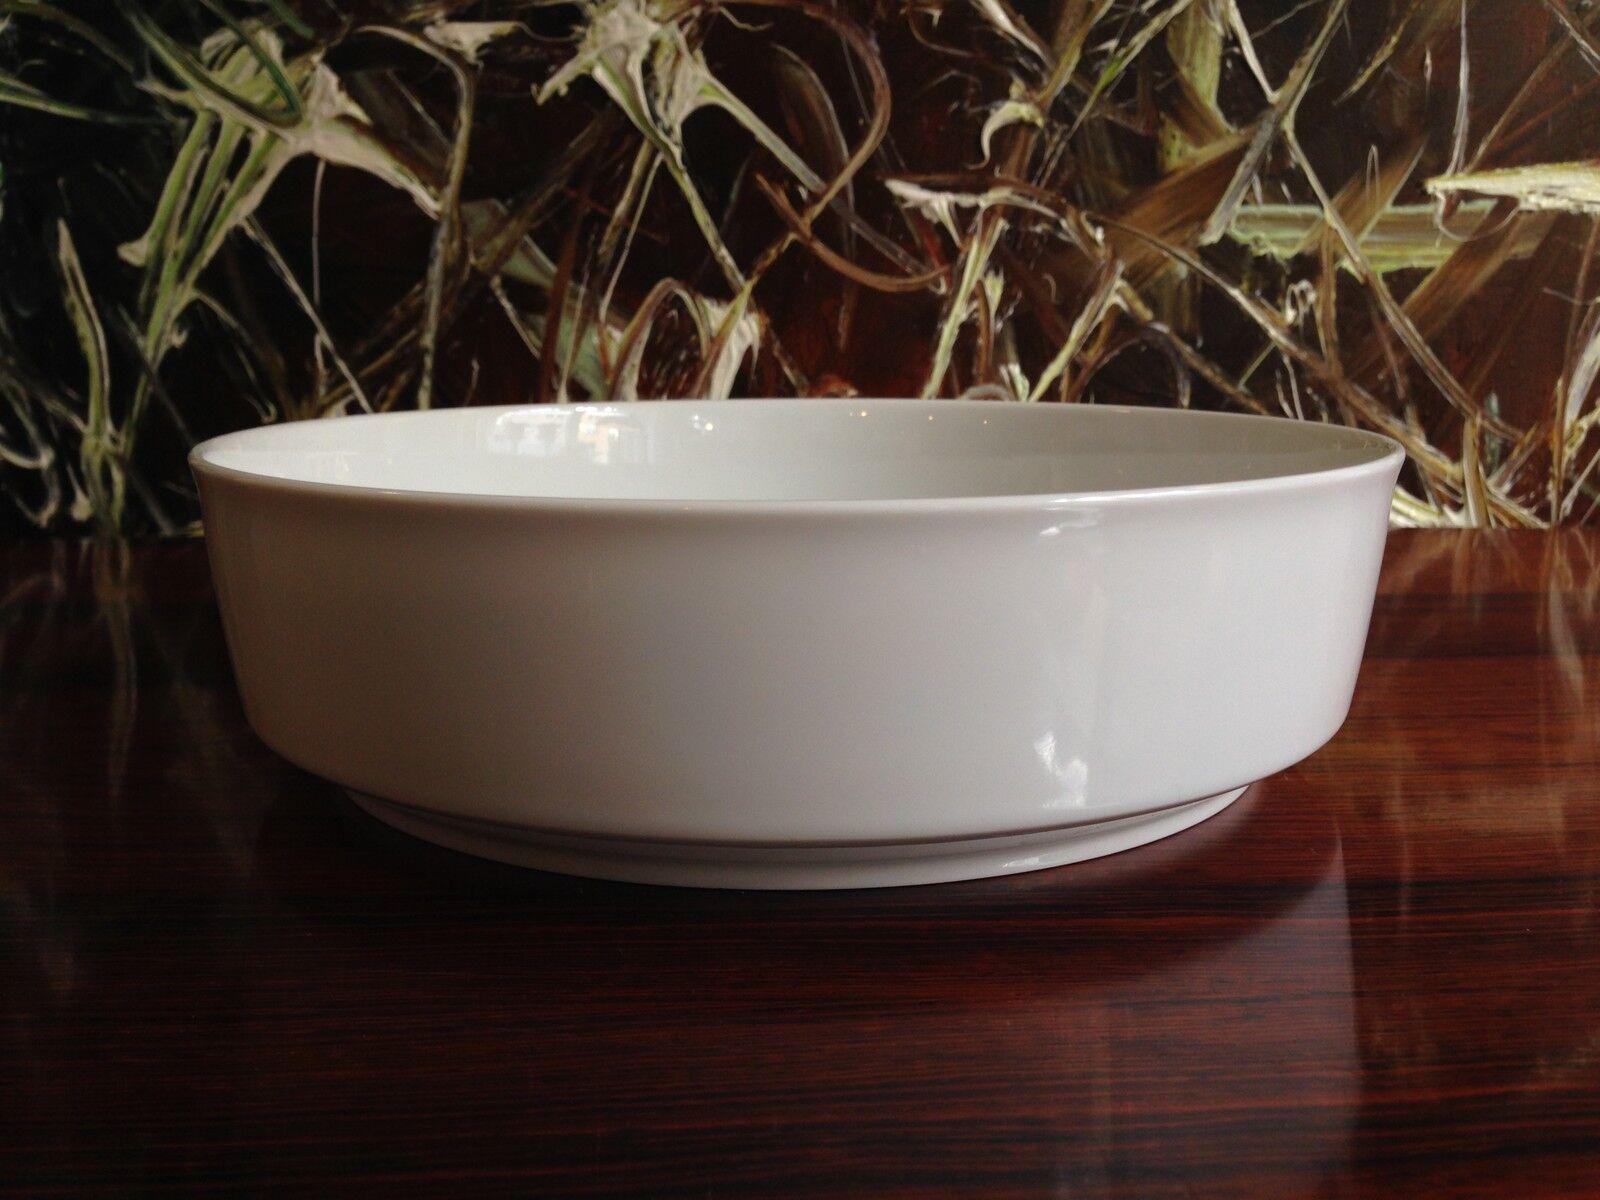 Fürstenberg voiturelo blanc Bowl Ø 23cm nouveau